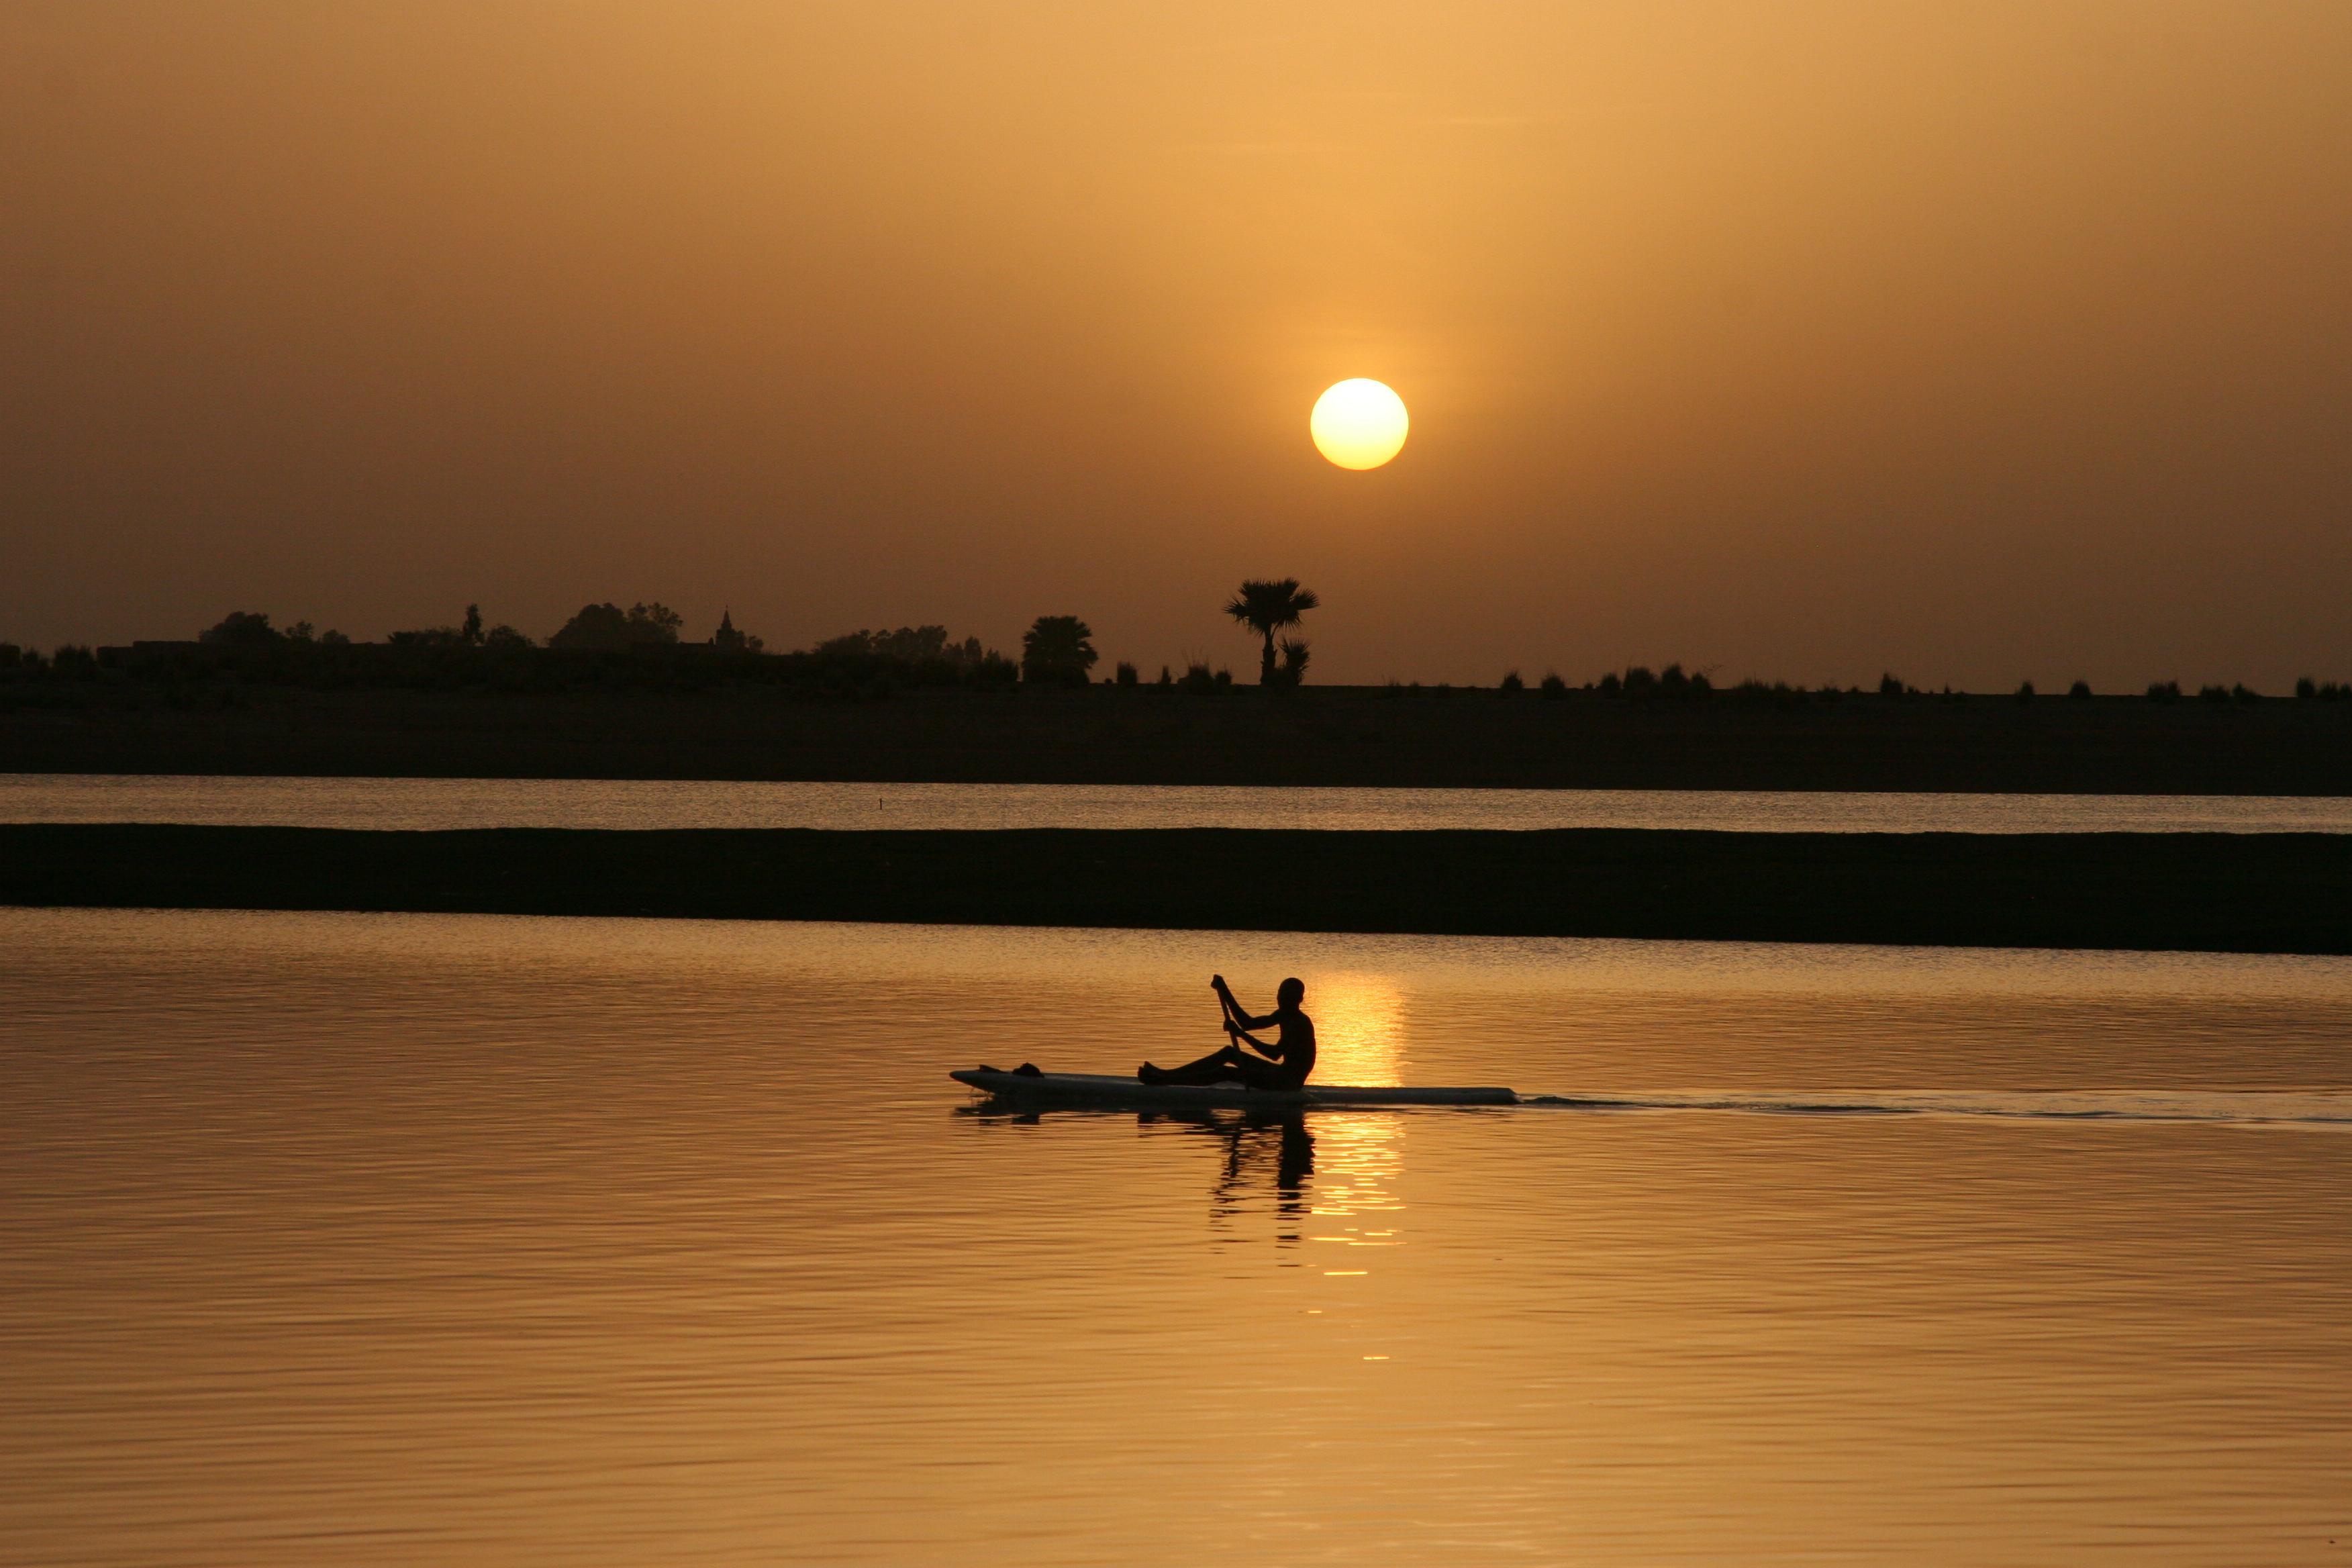 Súbor:boat on niger river